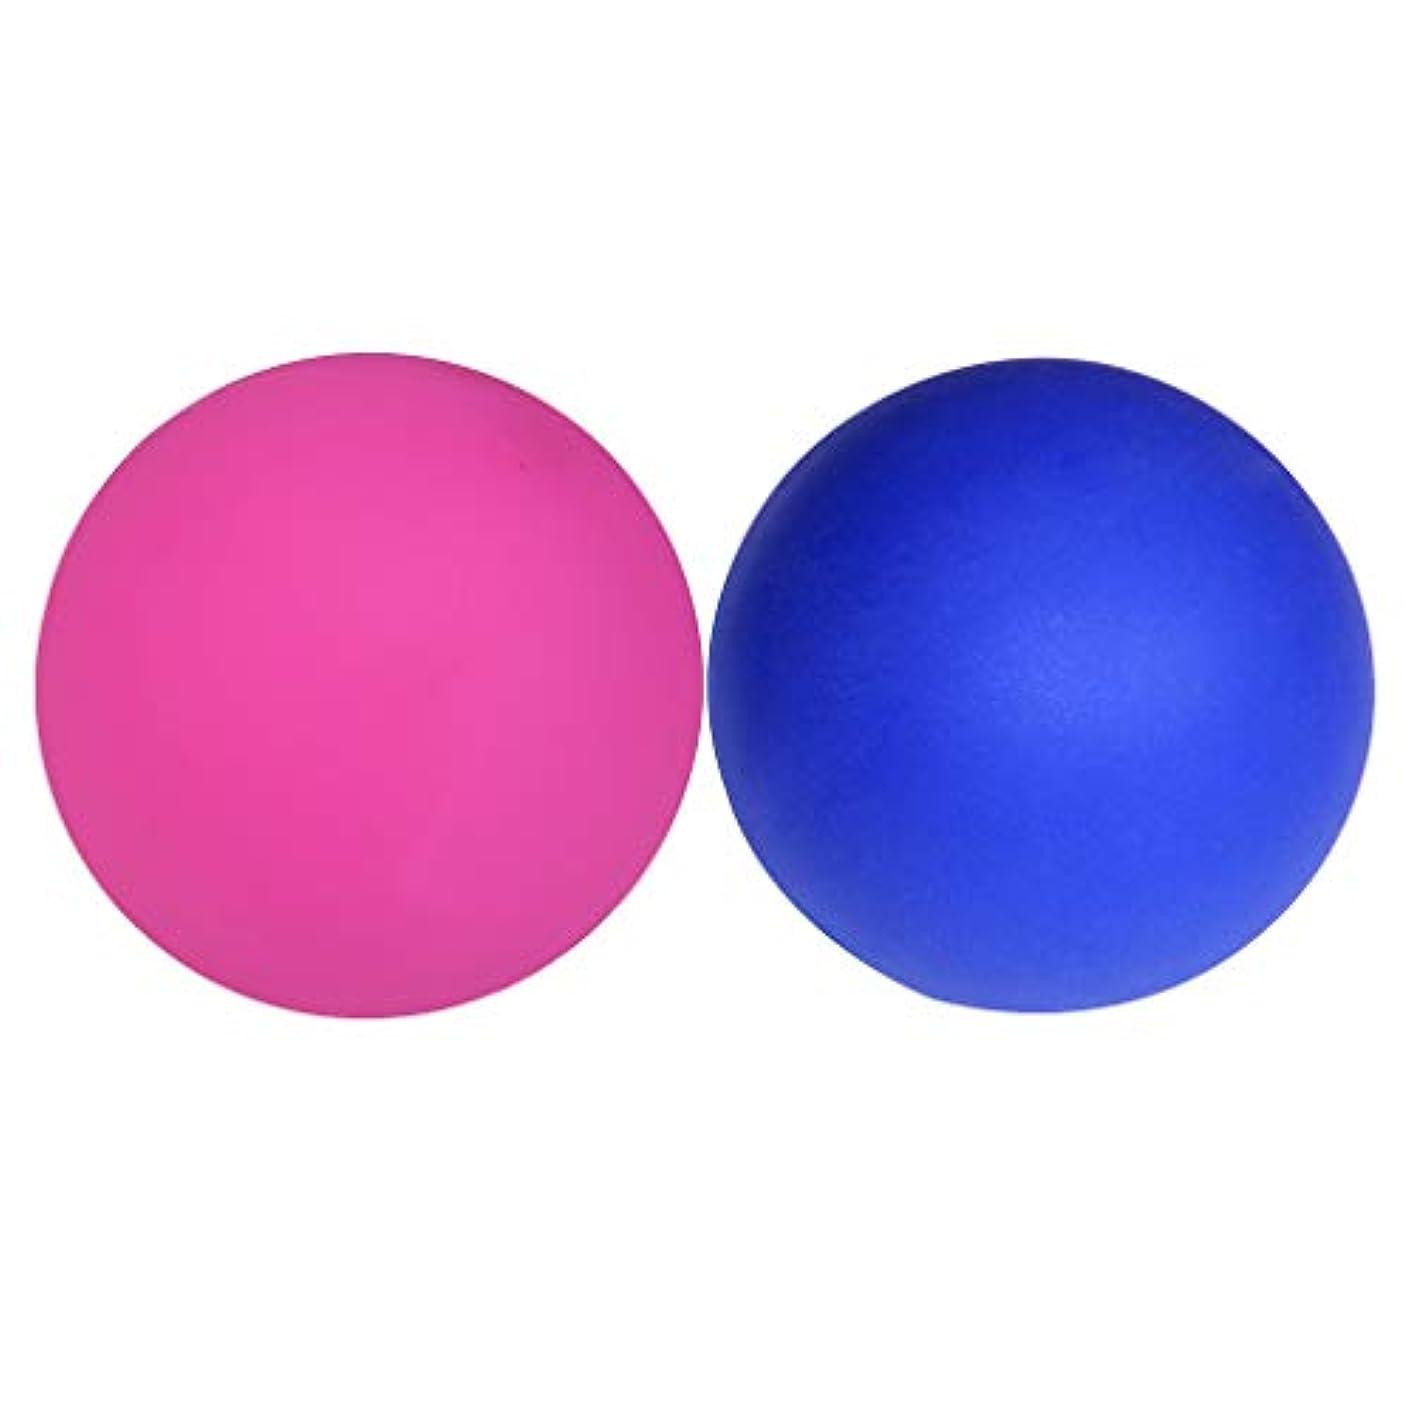 バックグラウンド汚す気楽なdailymall 2ピースラクロスボールマッサージモビリティ筋膜性緩和ナックフットバックトリガーポイントマッサージとリラックス